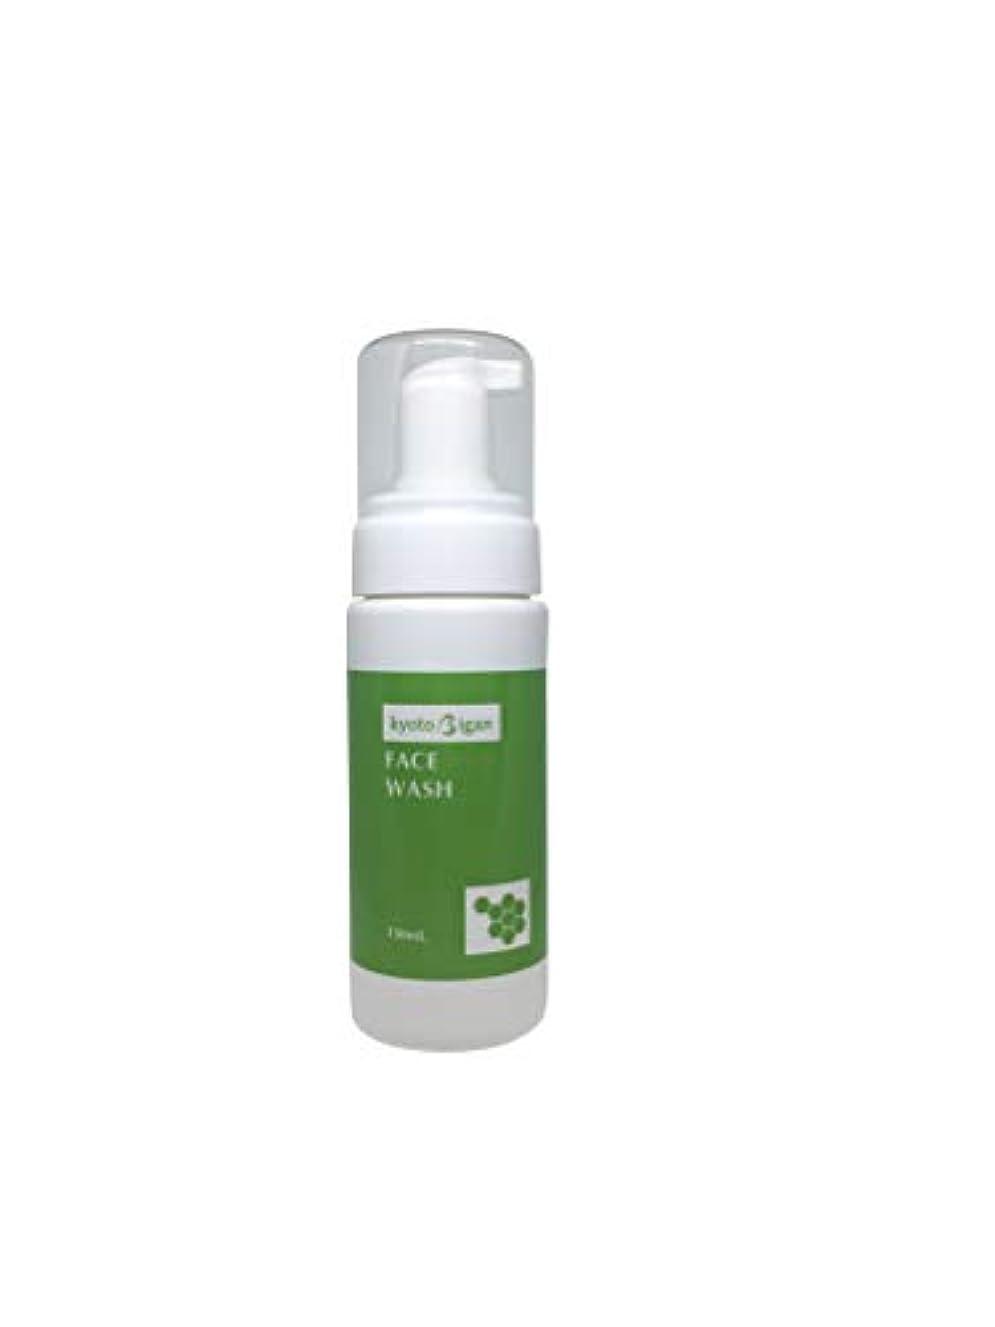 懲戒告発セクションフェイスウォッシュ(泡の洗顔料,敏感肌乾燥肌対応,ローヤルゼリーハーブエキス配合)